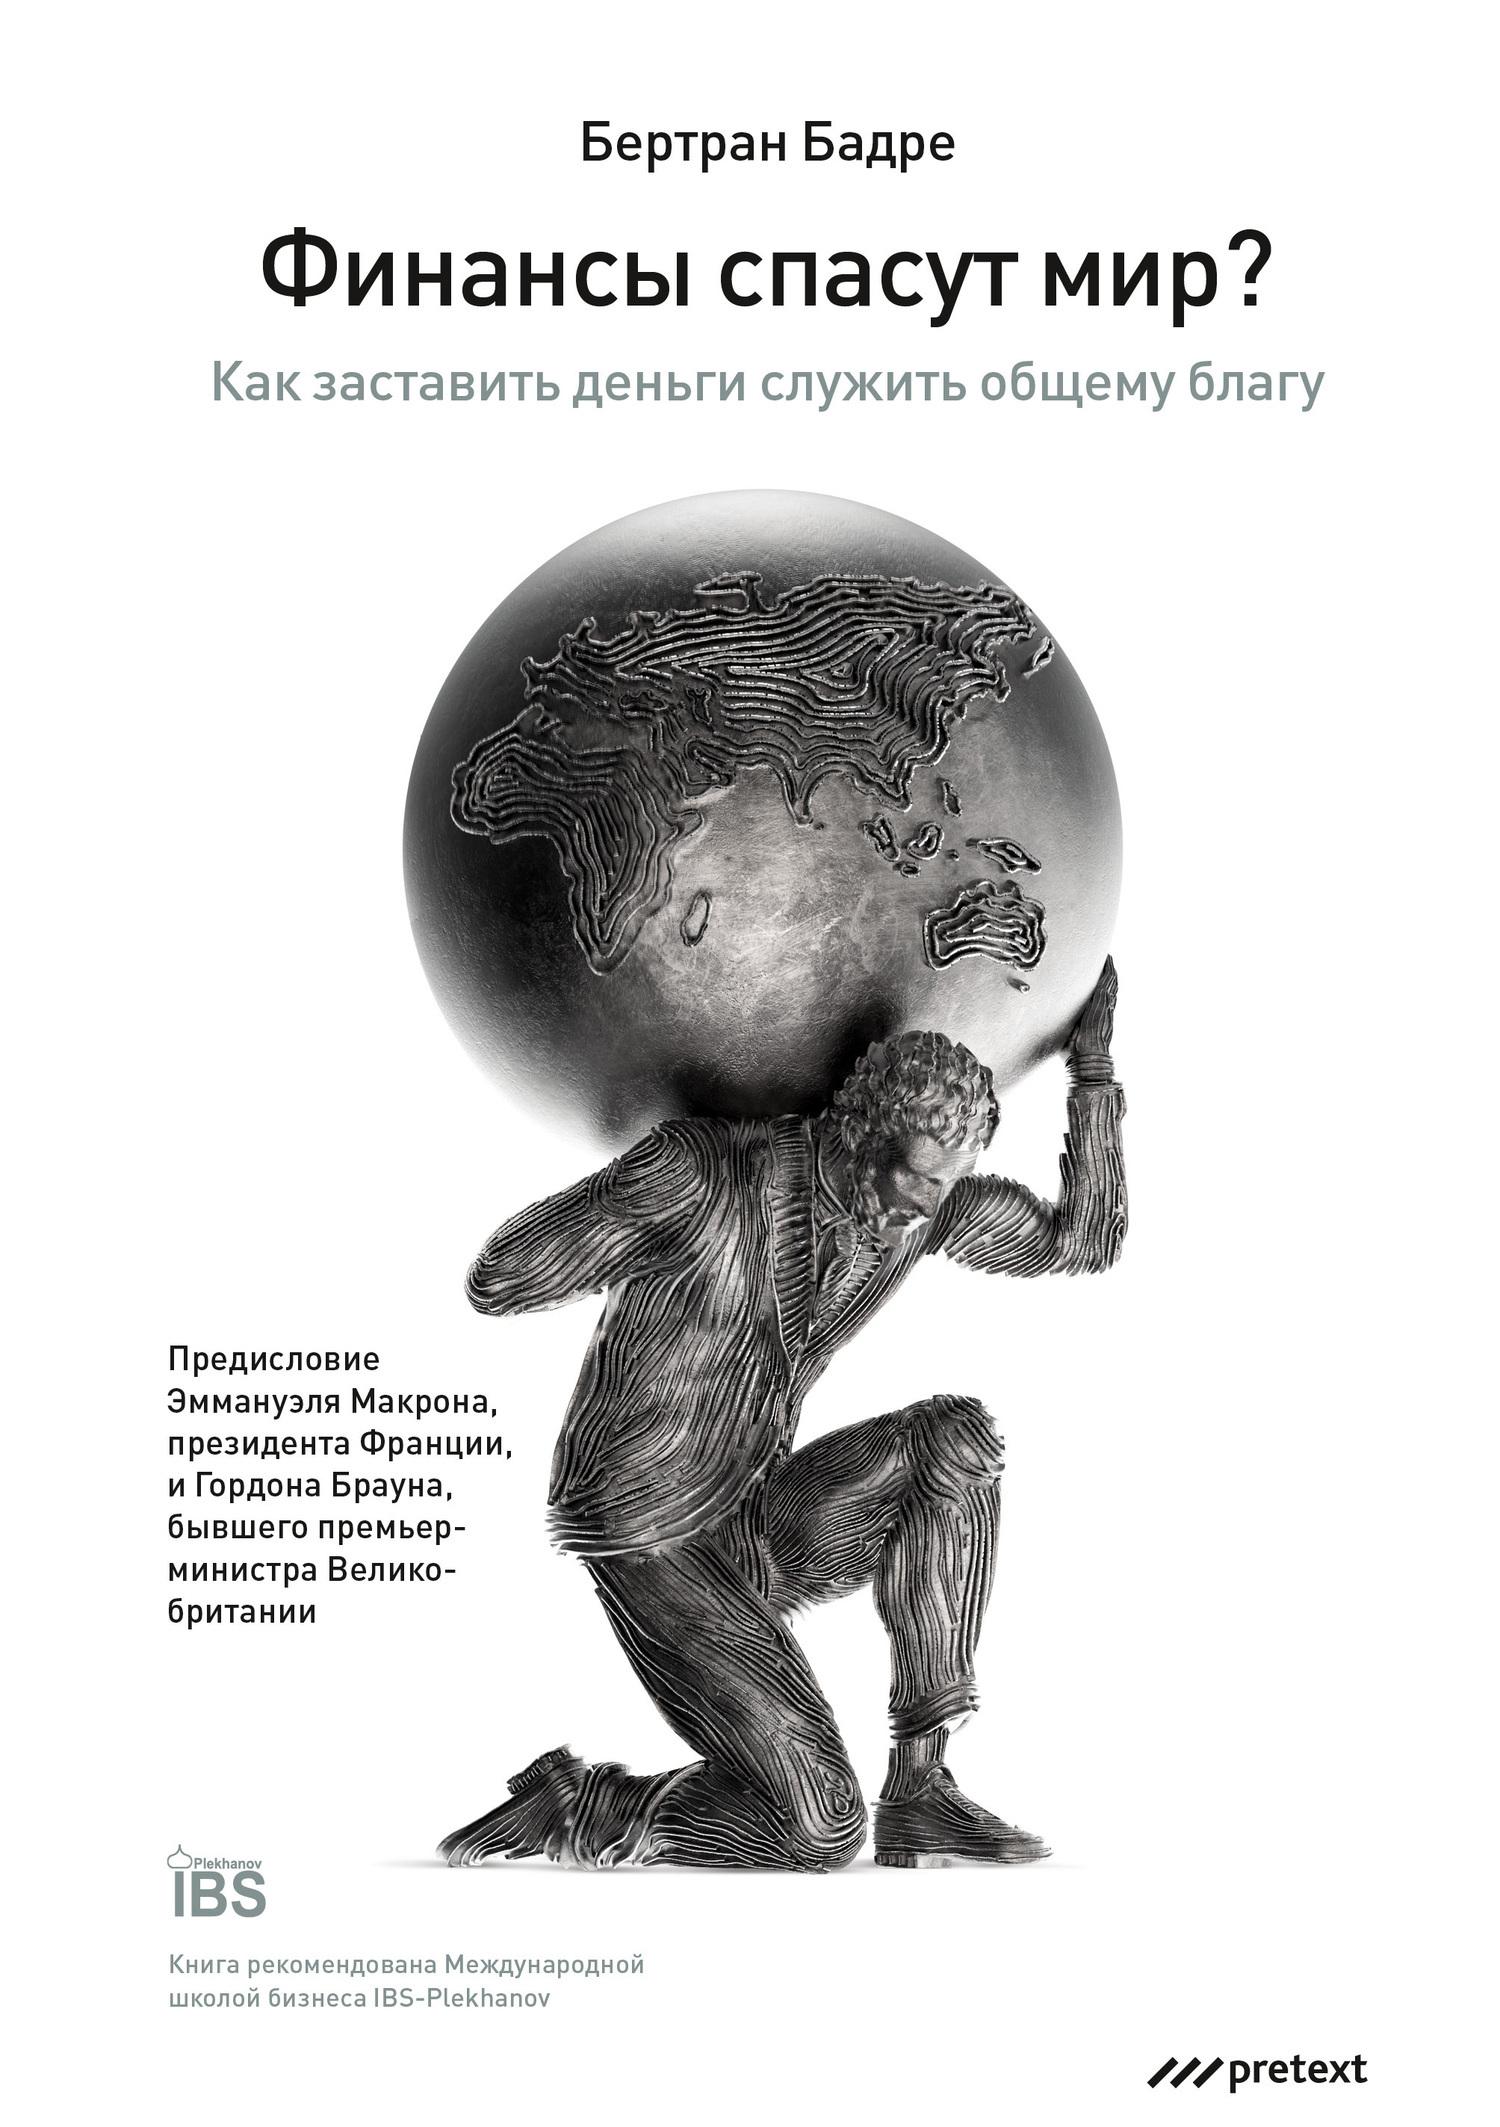 Обложка книги. Автор - Бертран Бадре